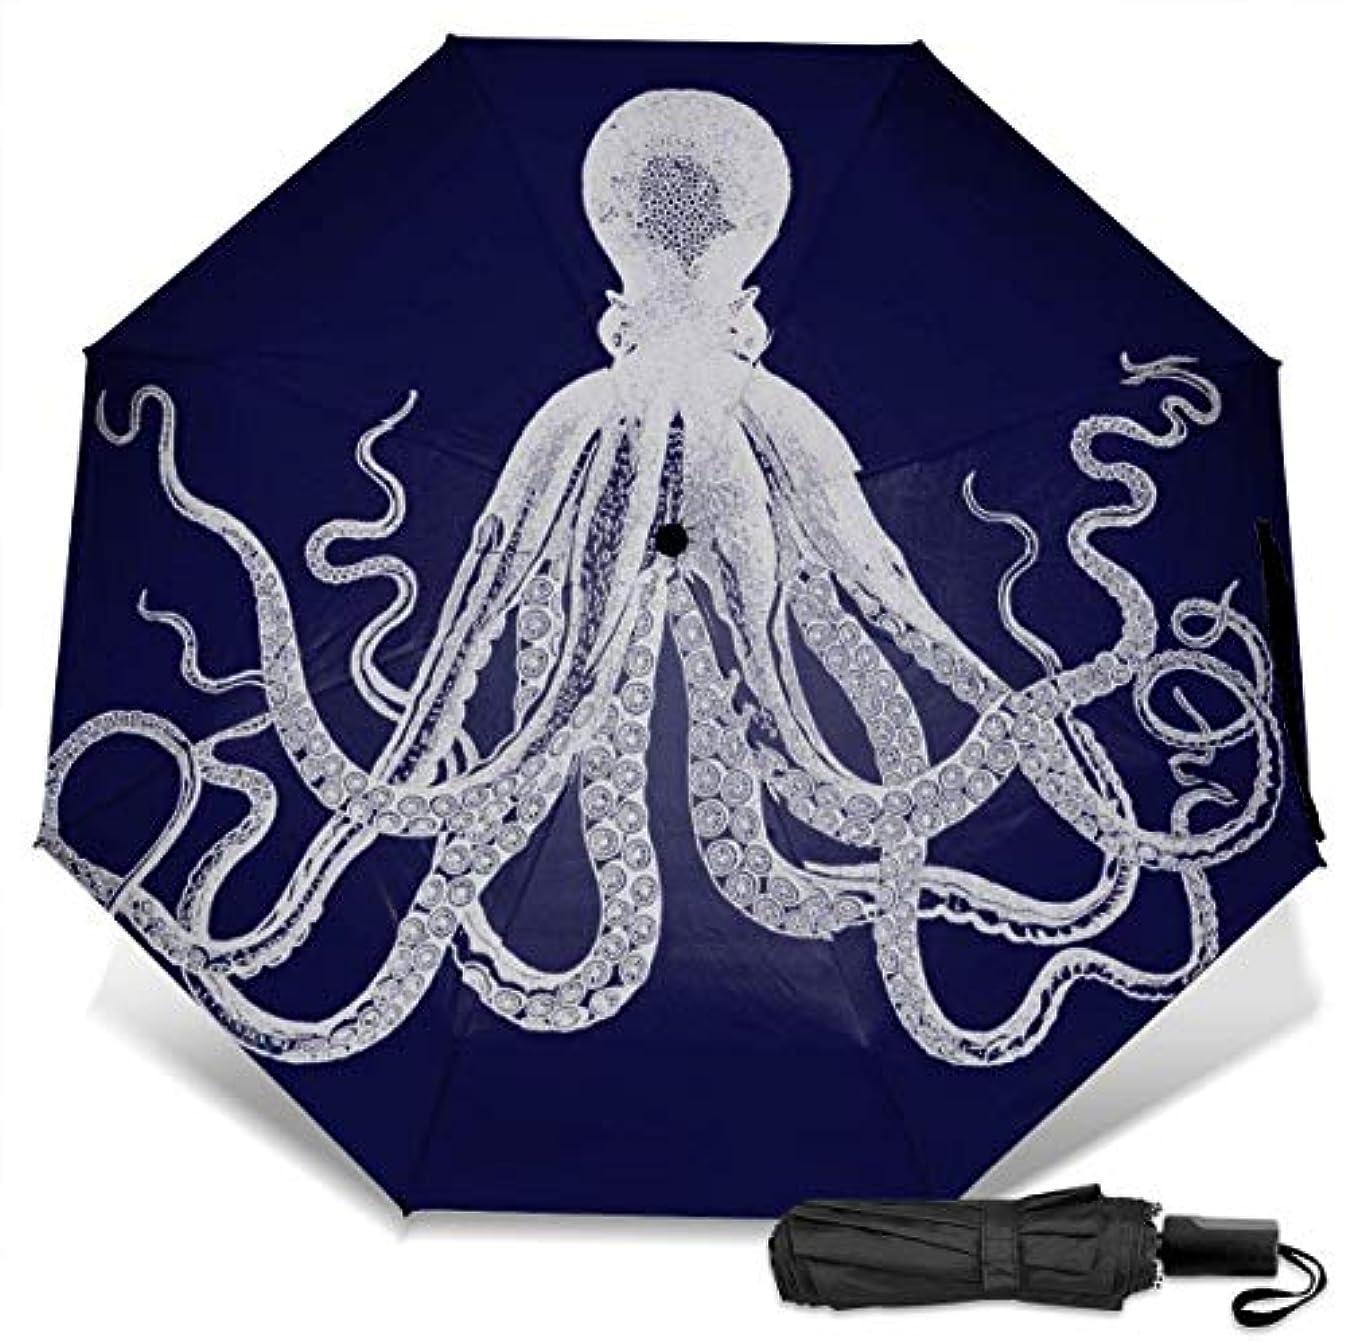 服を片付ける畝間コスチュームタコアートデザインブルー折りたたみ傘 軽量 手動三つ折り傘 日傘 耐風撥水 晴雨兼用 遮光遮熱 紫外線対策 携帯用かさ 出張旅行通勤 女性と男性用 (黒ゴム)